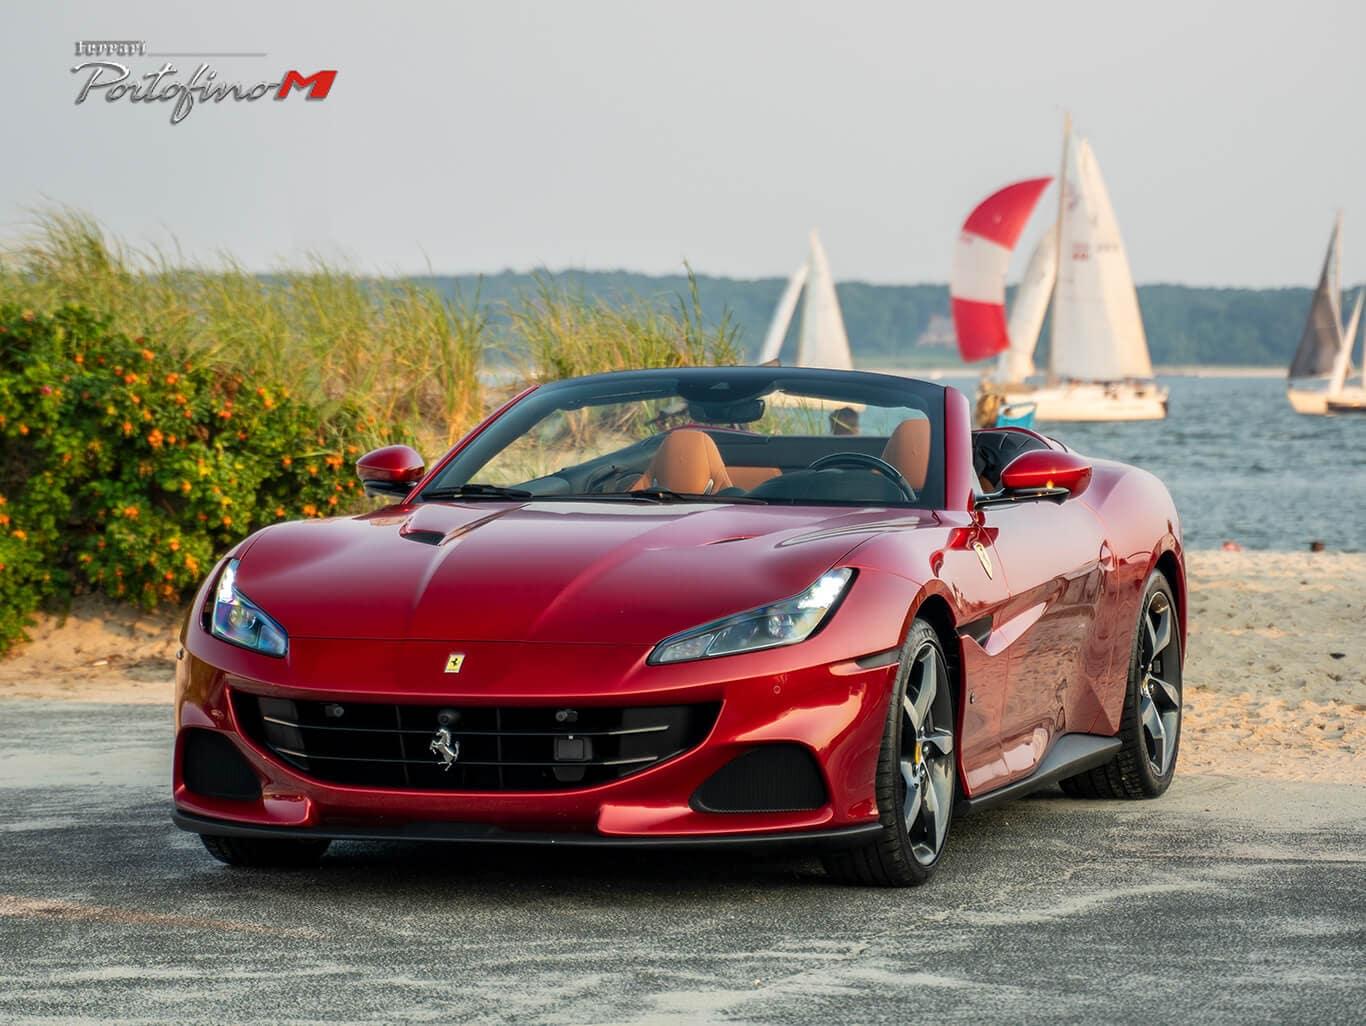 Ferrari Portofino M | Ferrari of Fort Lauderdale